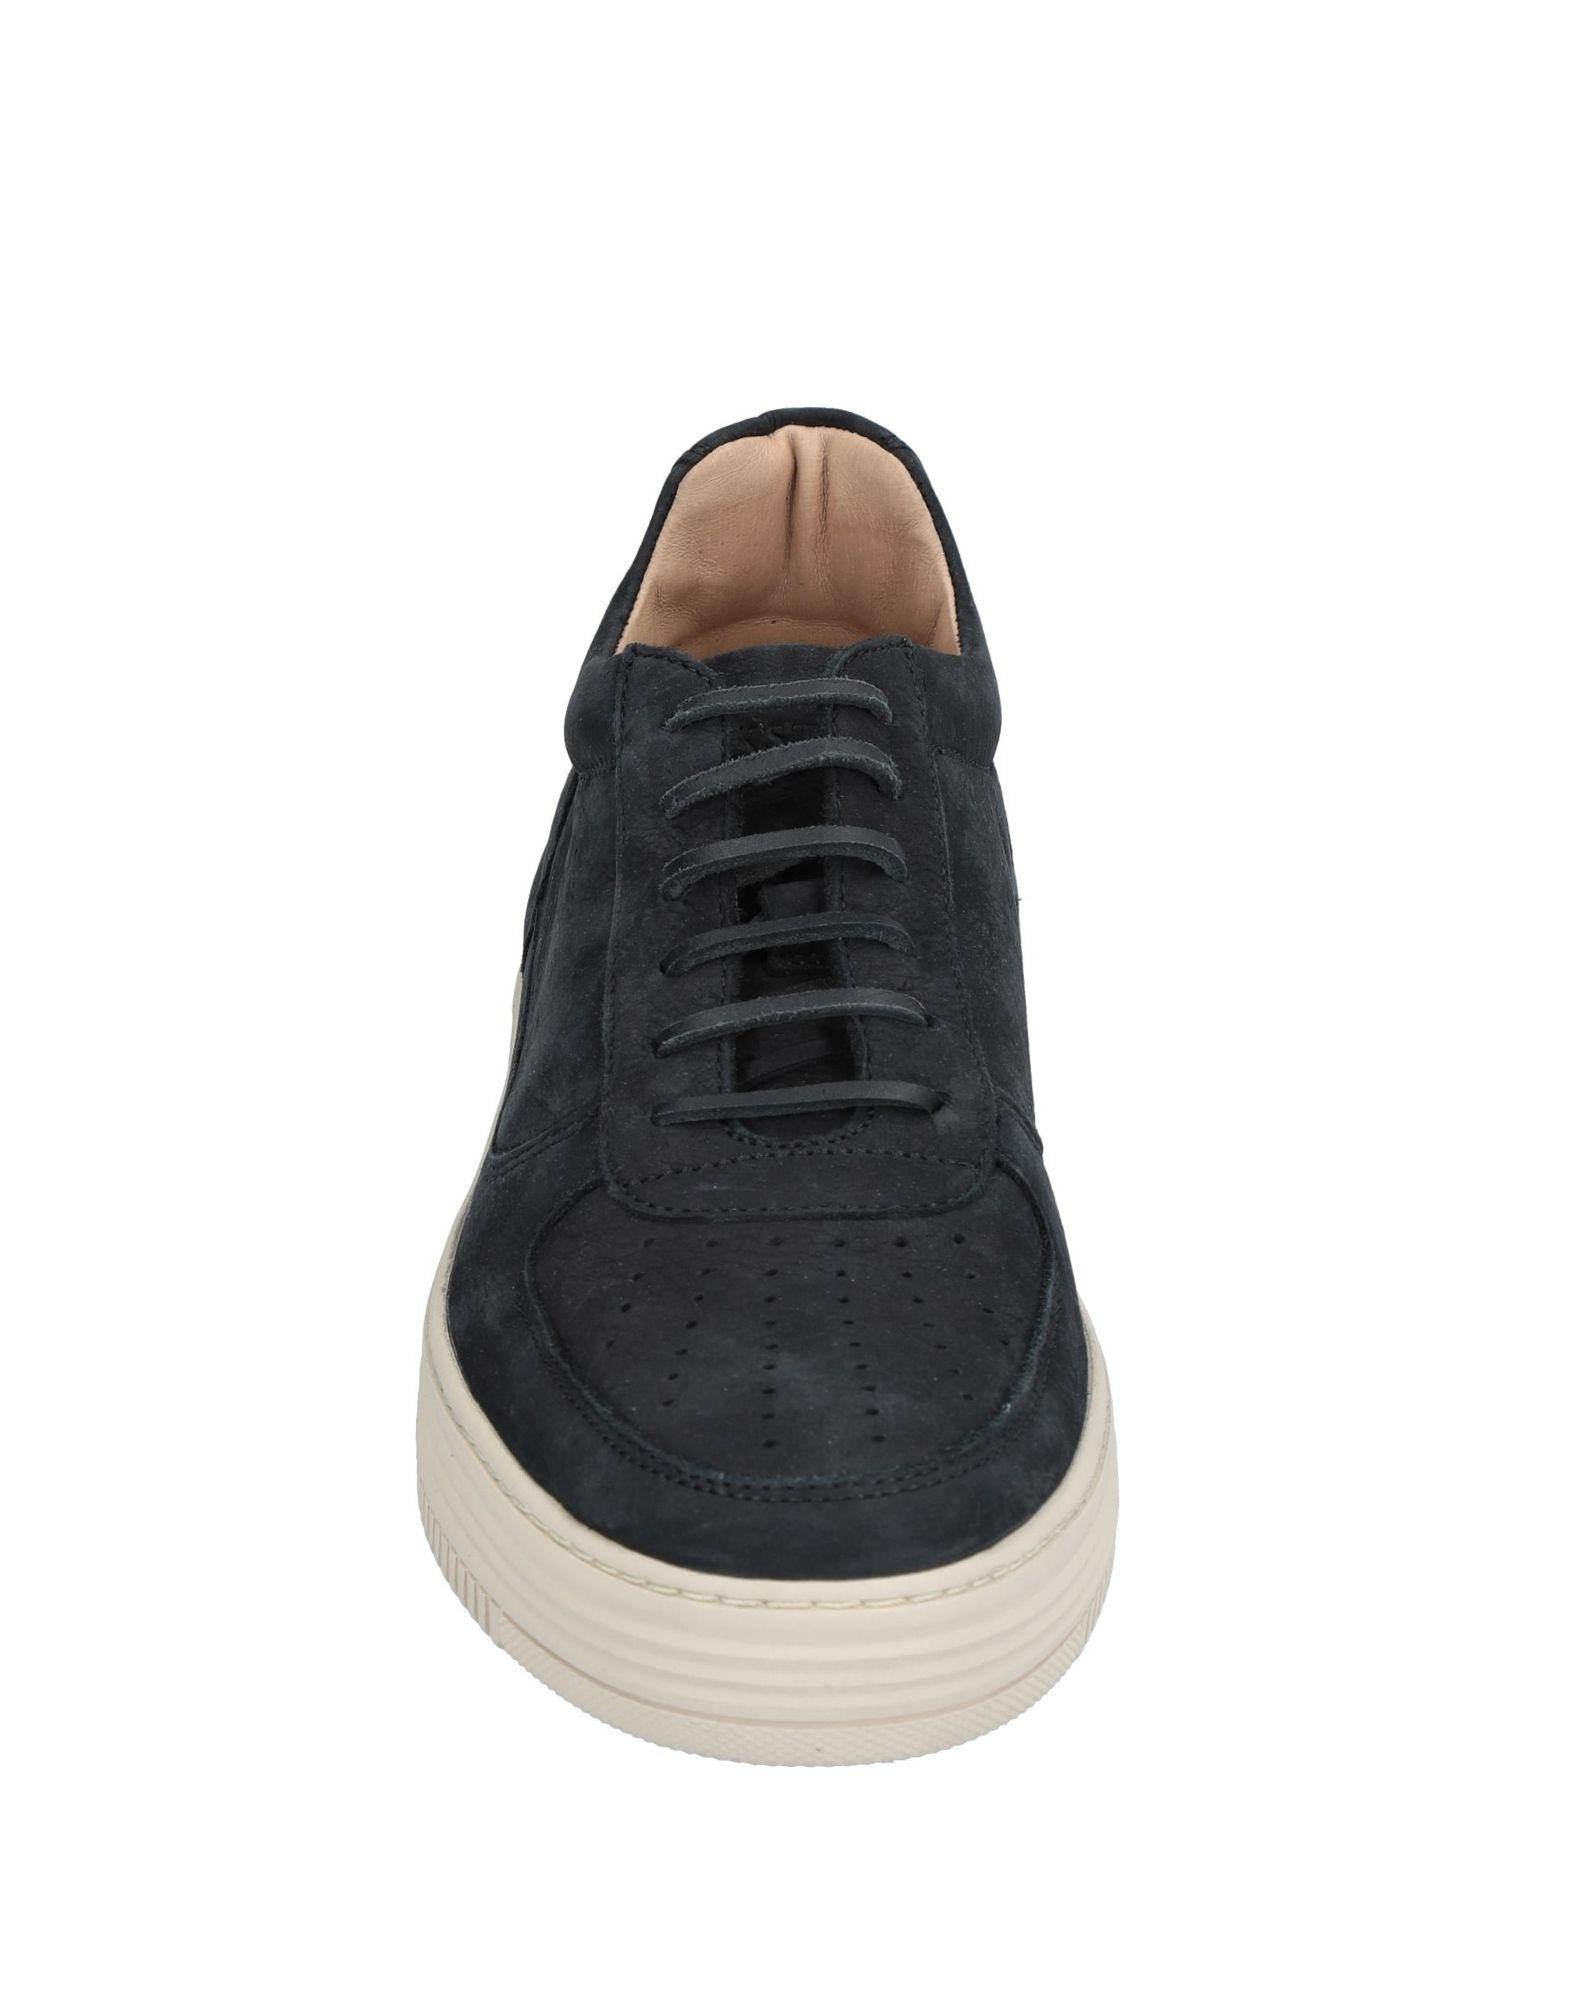 Rabatt echte Sneakers Schuhe Docksteps Sneakers echte Herren  11532768WJ 9ae12d